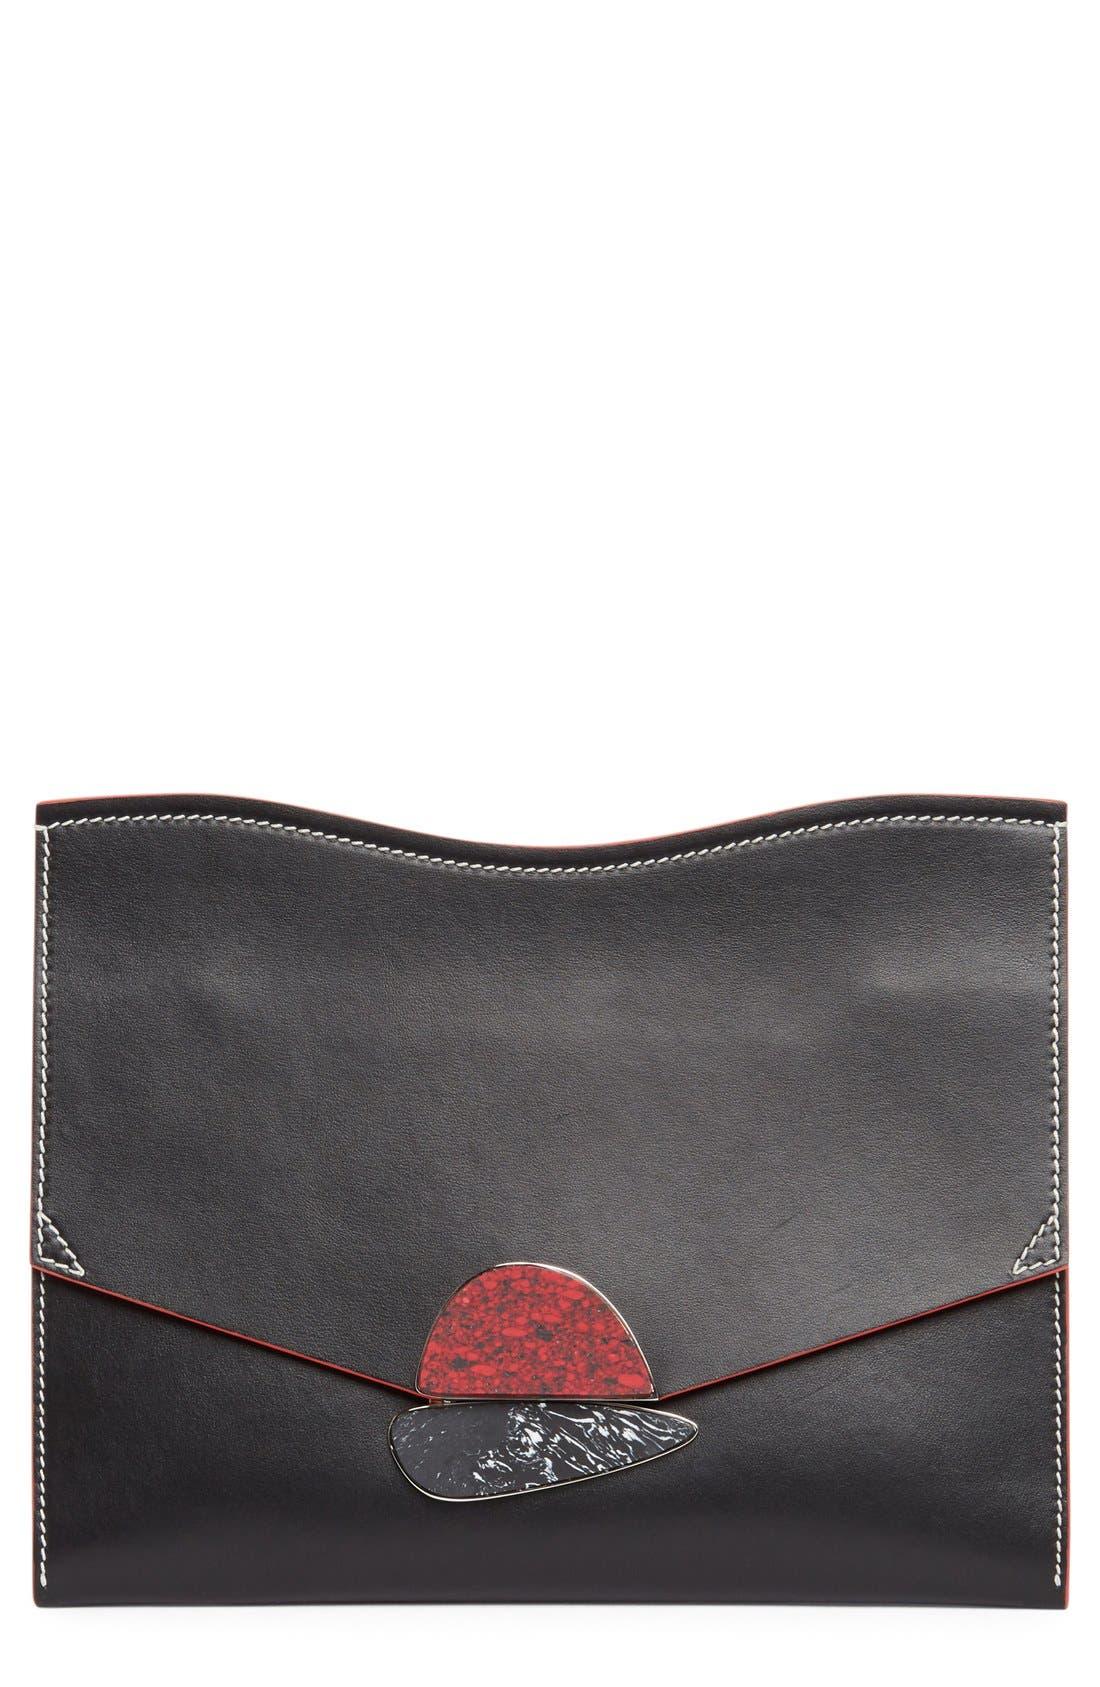 Proenza Schouler Medium Calfskin Leather Clutch